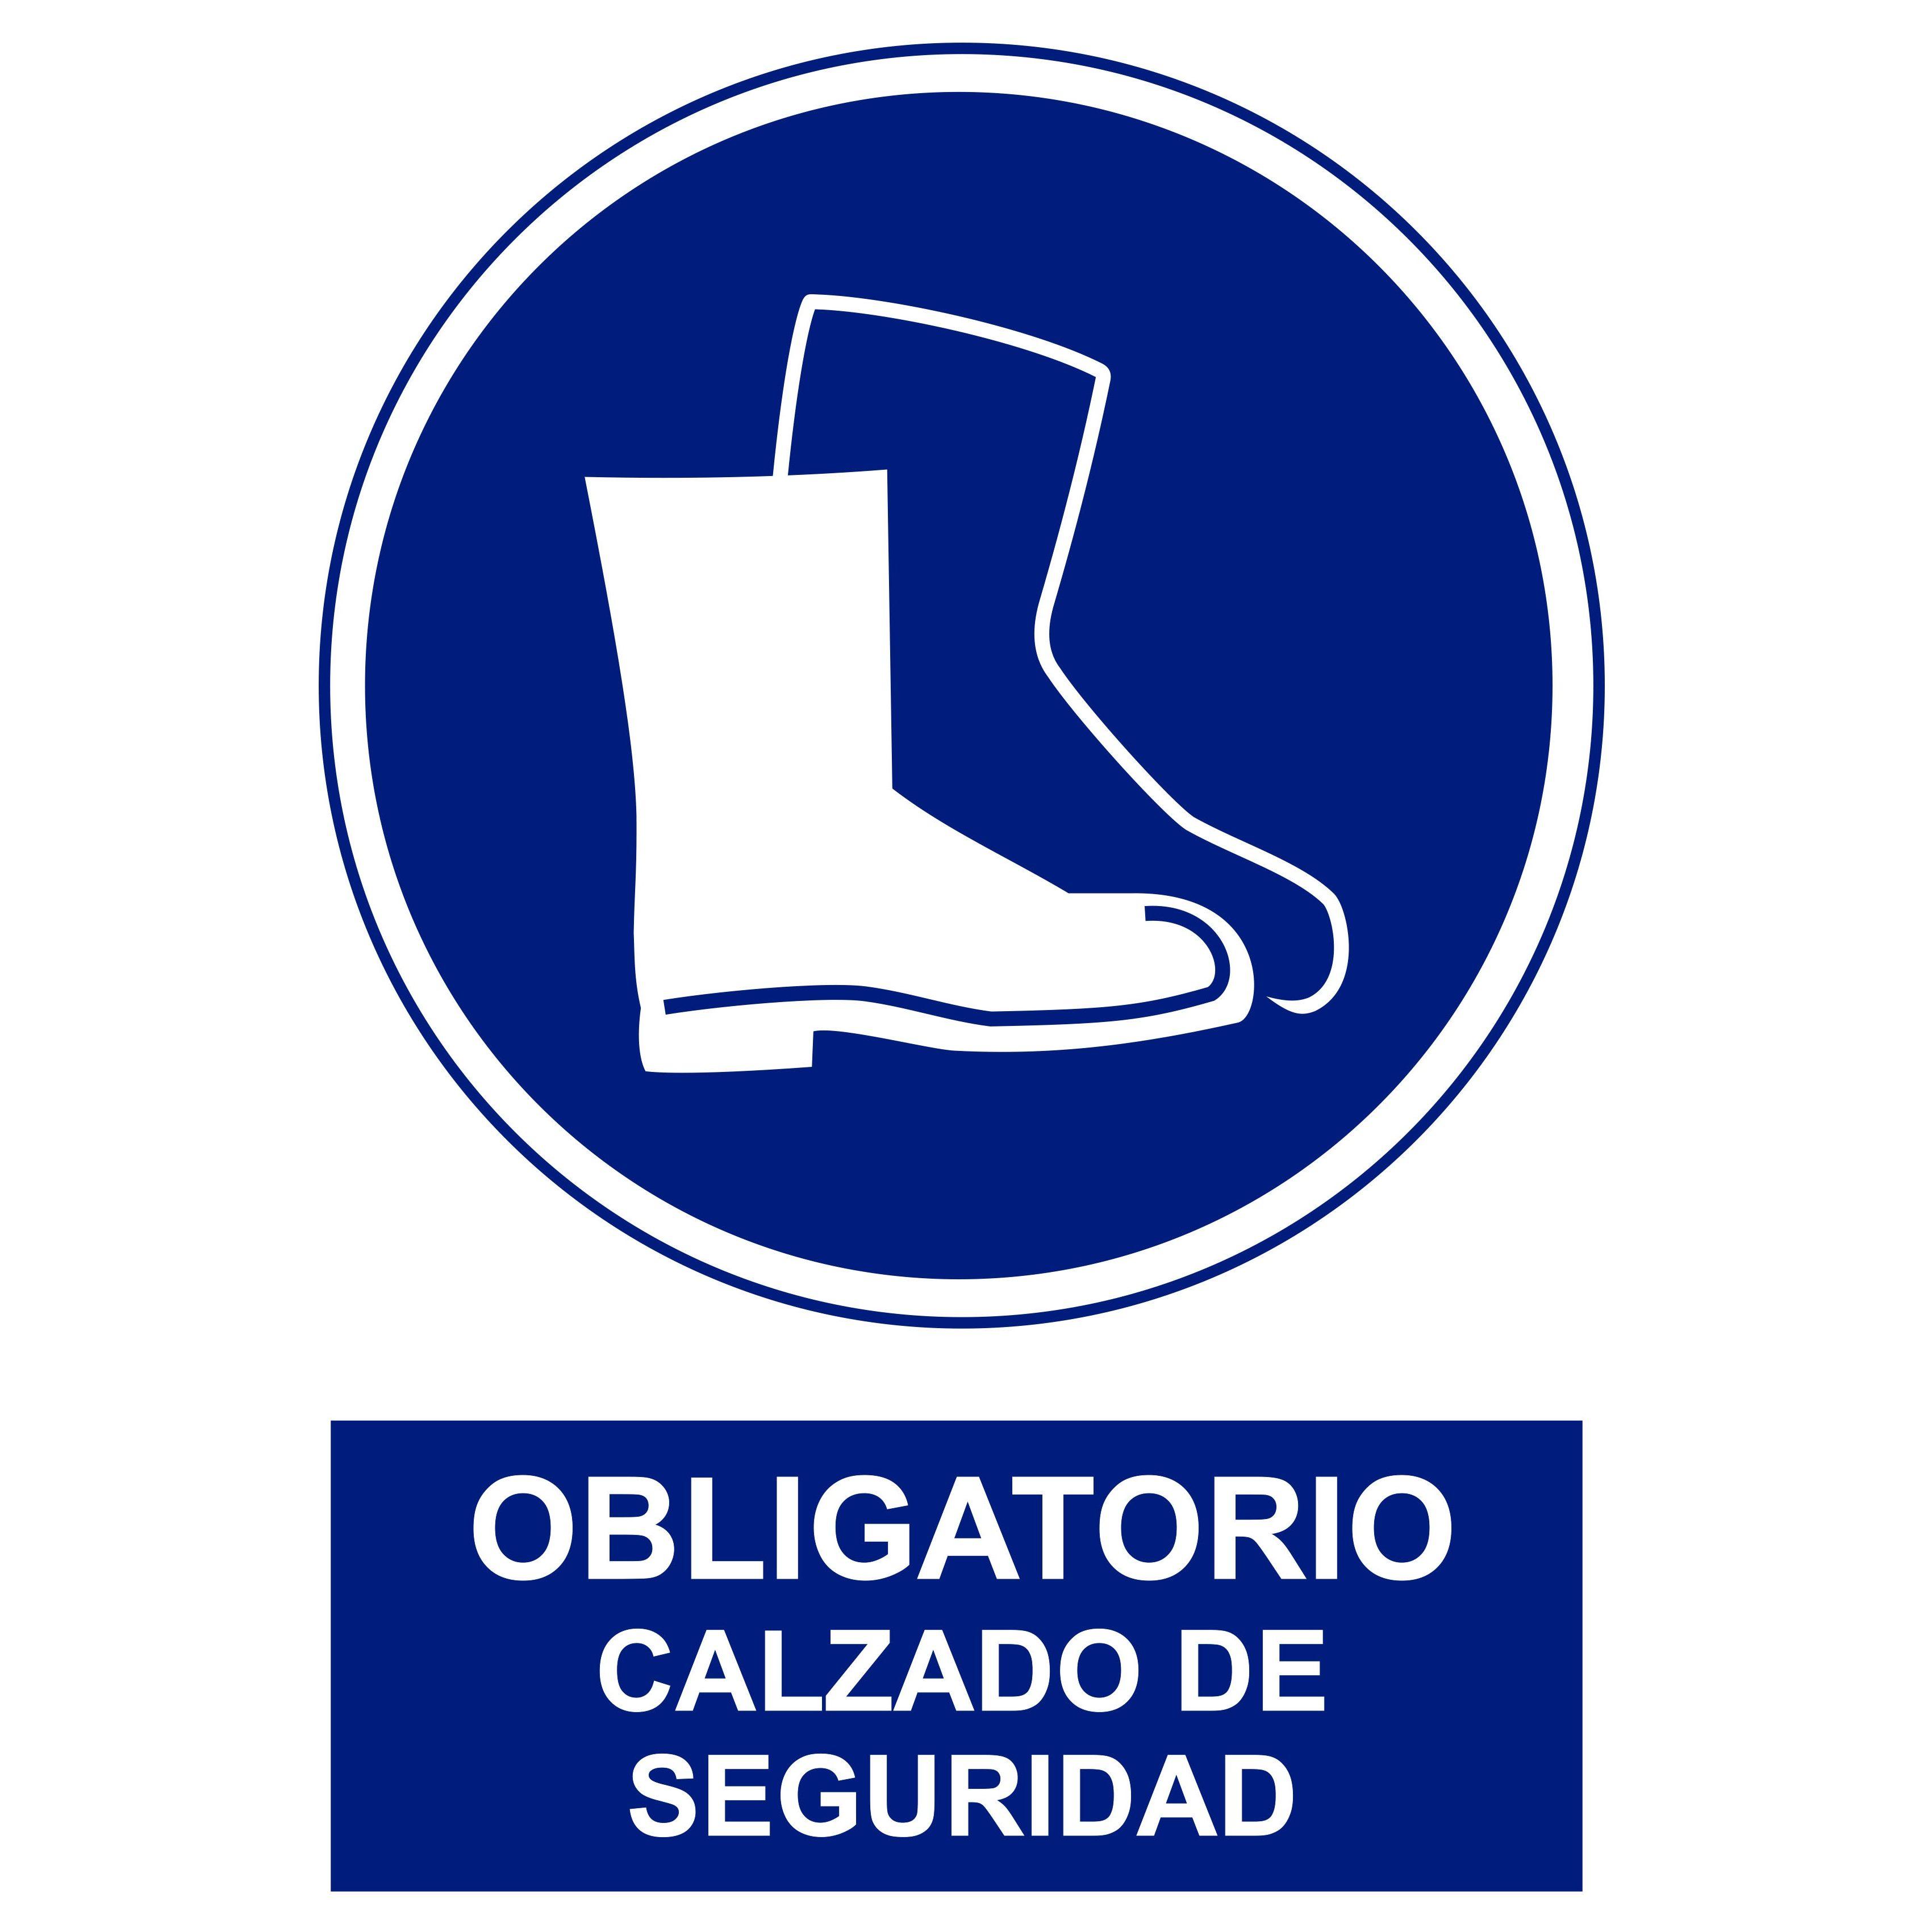 Señal OBLIGATORIO CALZADO DE SEGURIDAD